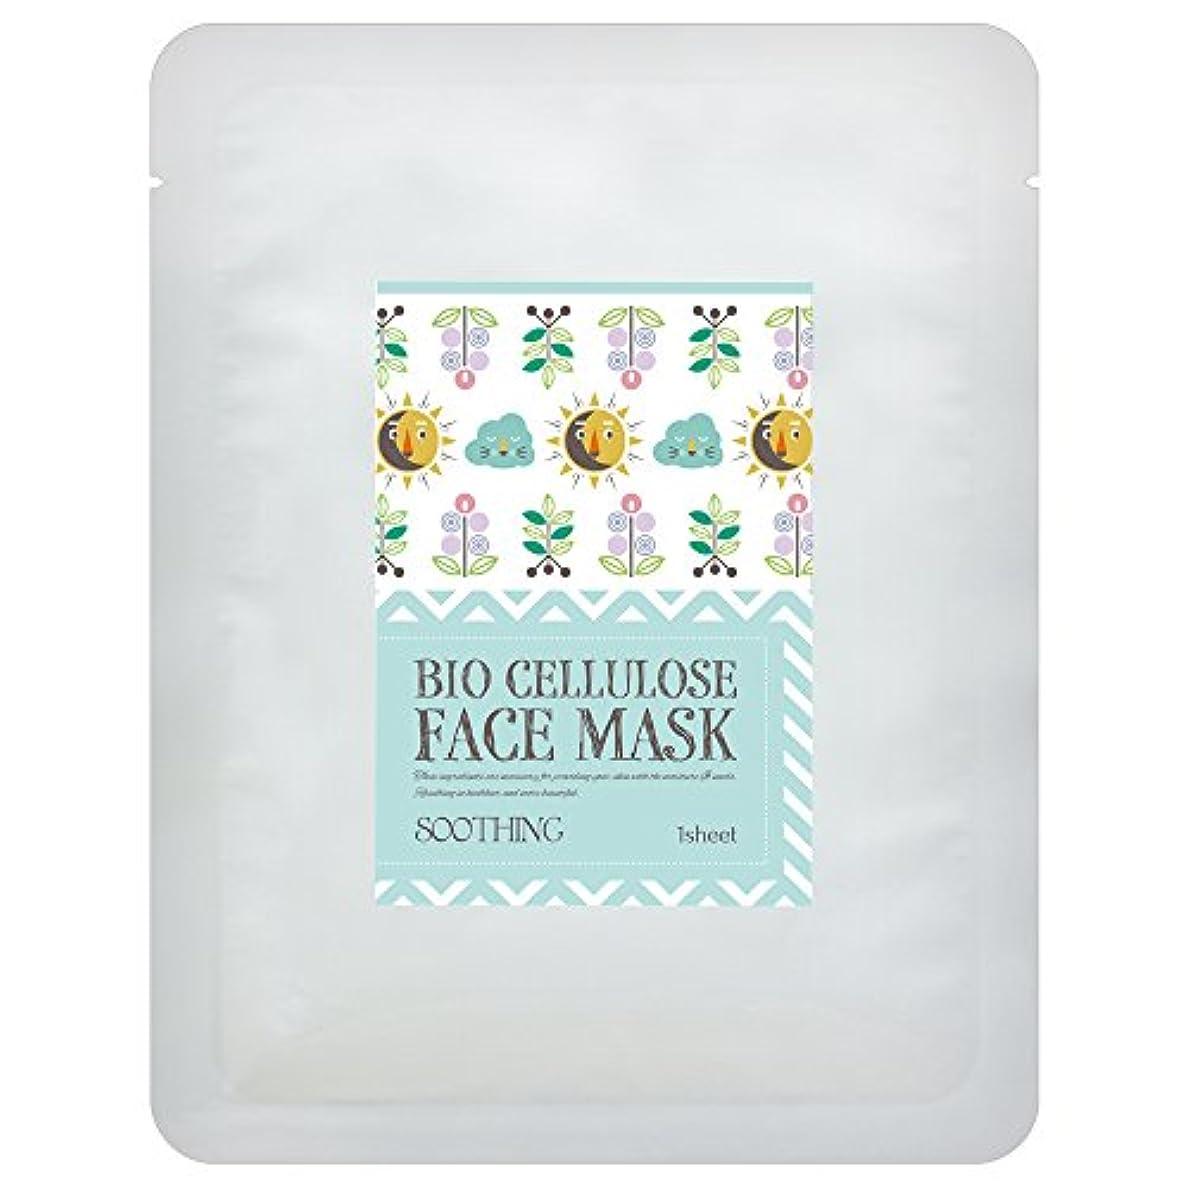 省略する不屈庭園日本製バイオセルロース フェイスマスク SOOTHING(引き締め) 1枚